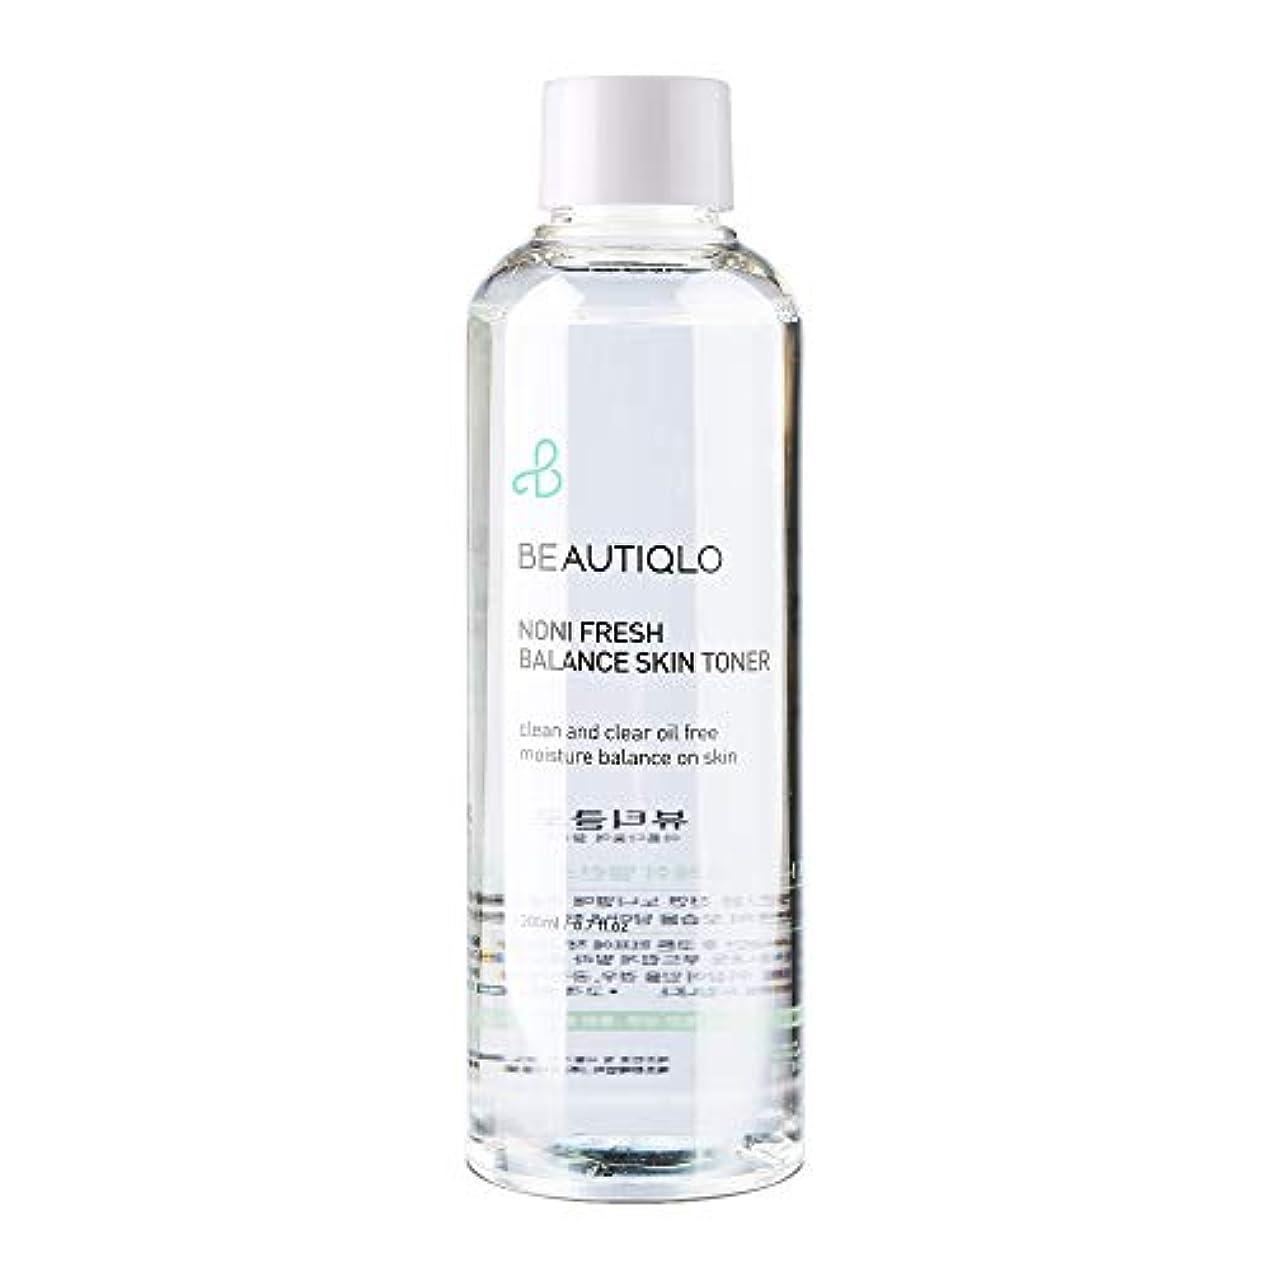 ハプニング本能好き韓国化粧品 BEAUTIQLO NONI FRESH BALANCE SKIN TONER ビューティクロ ノニフレッシュバランススキントーナー 化粧水